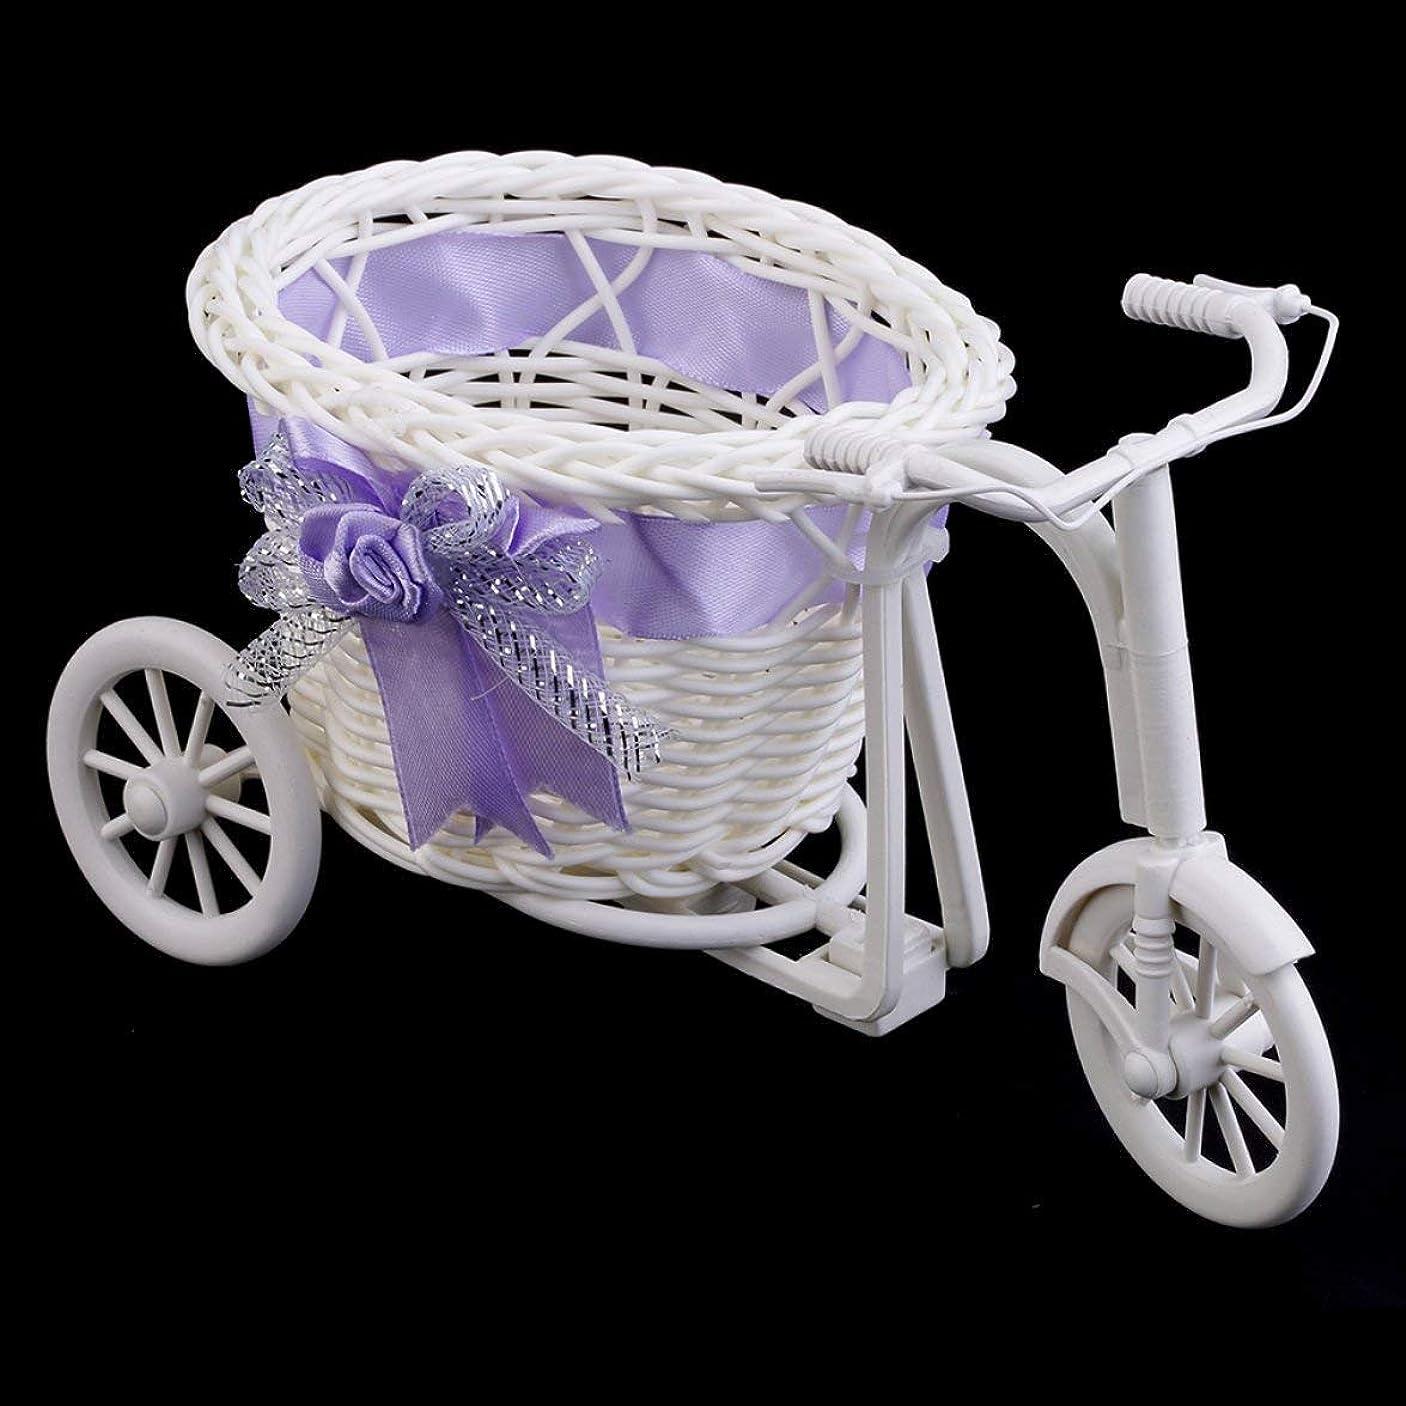 サイバースペースネズミファイルTivollyff 籐三輪車自転車フラワーバスケットガーデンウェディングパーティーの装飾ミニユーティリティカートの贈り物としてプラスチックオフィスの寝室